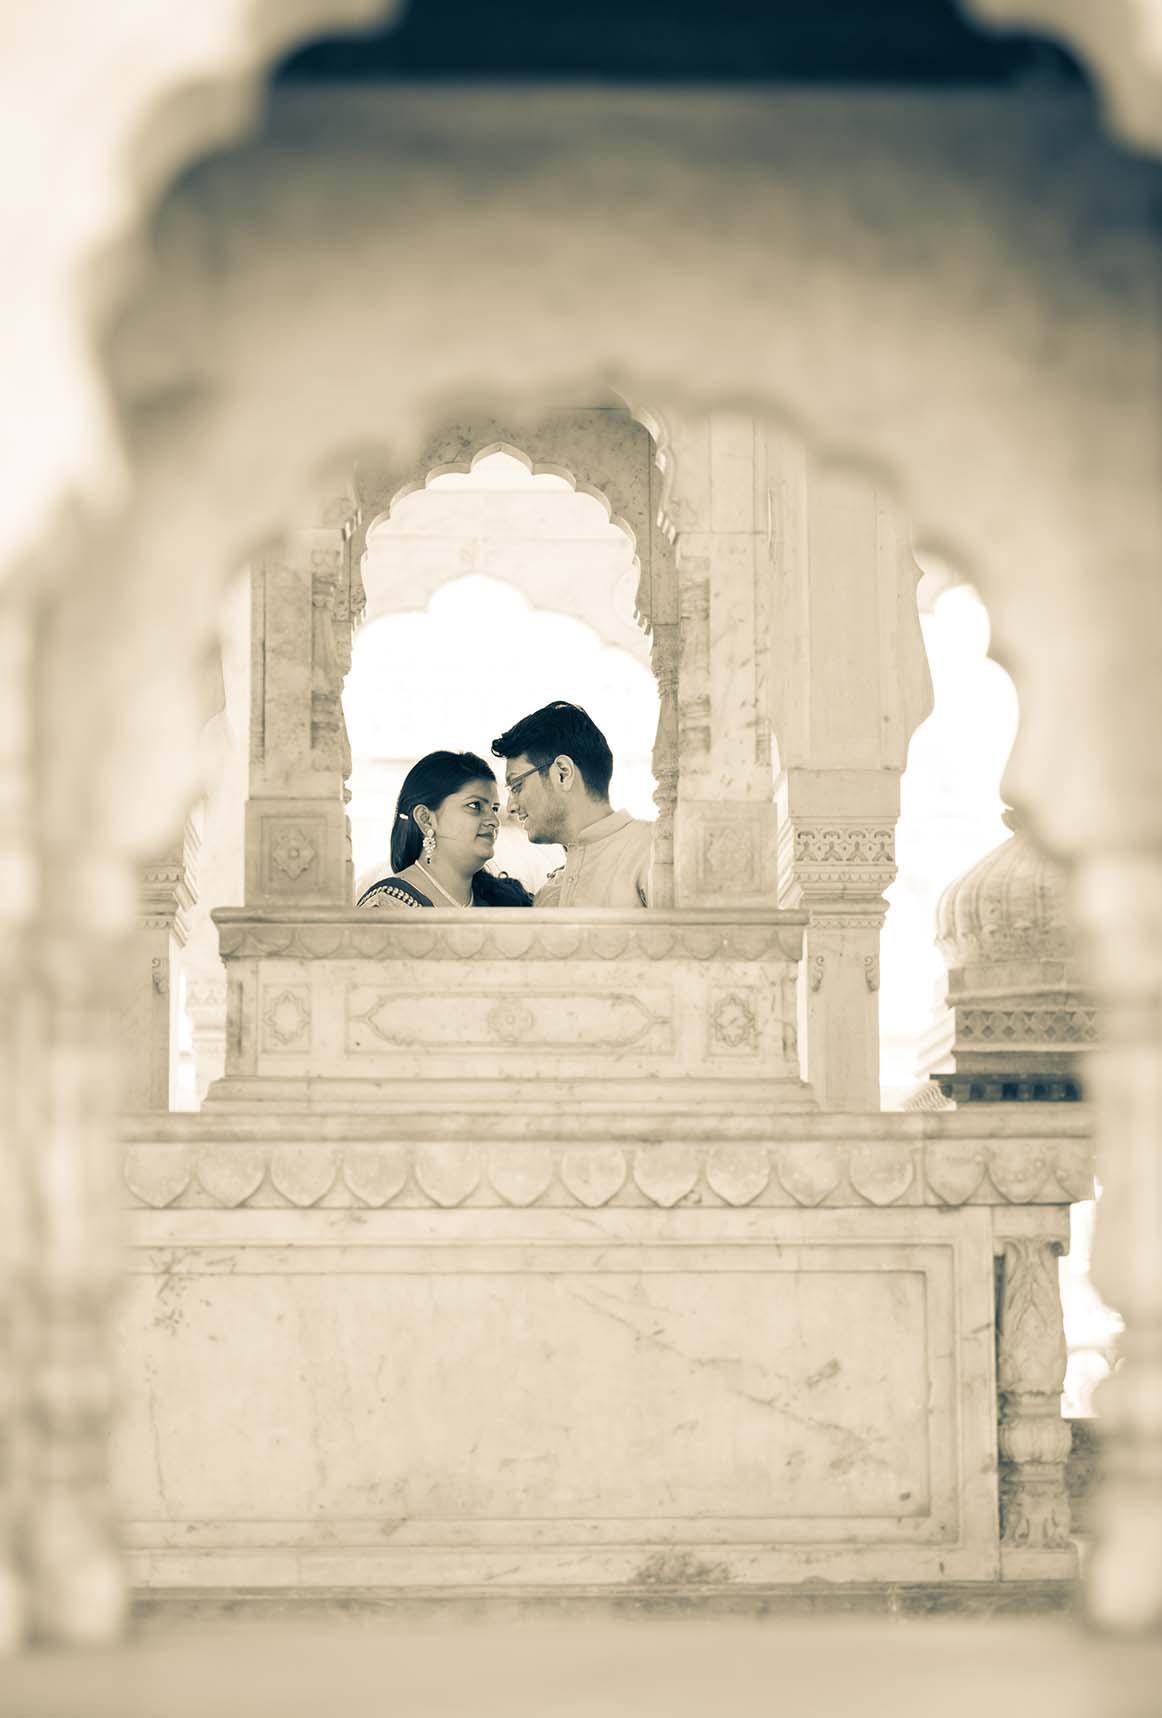 Akhil & Aashvi